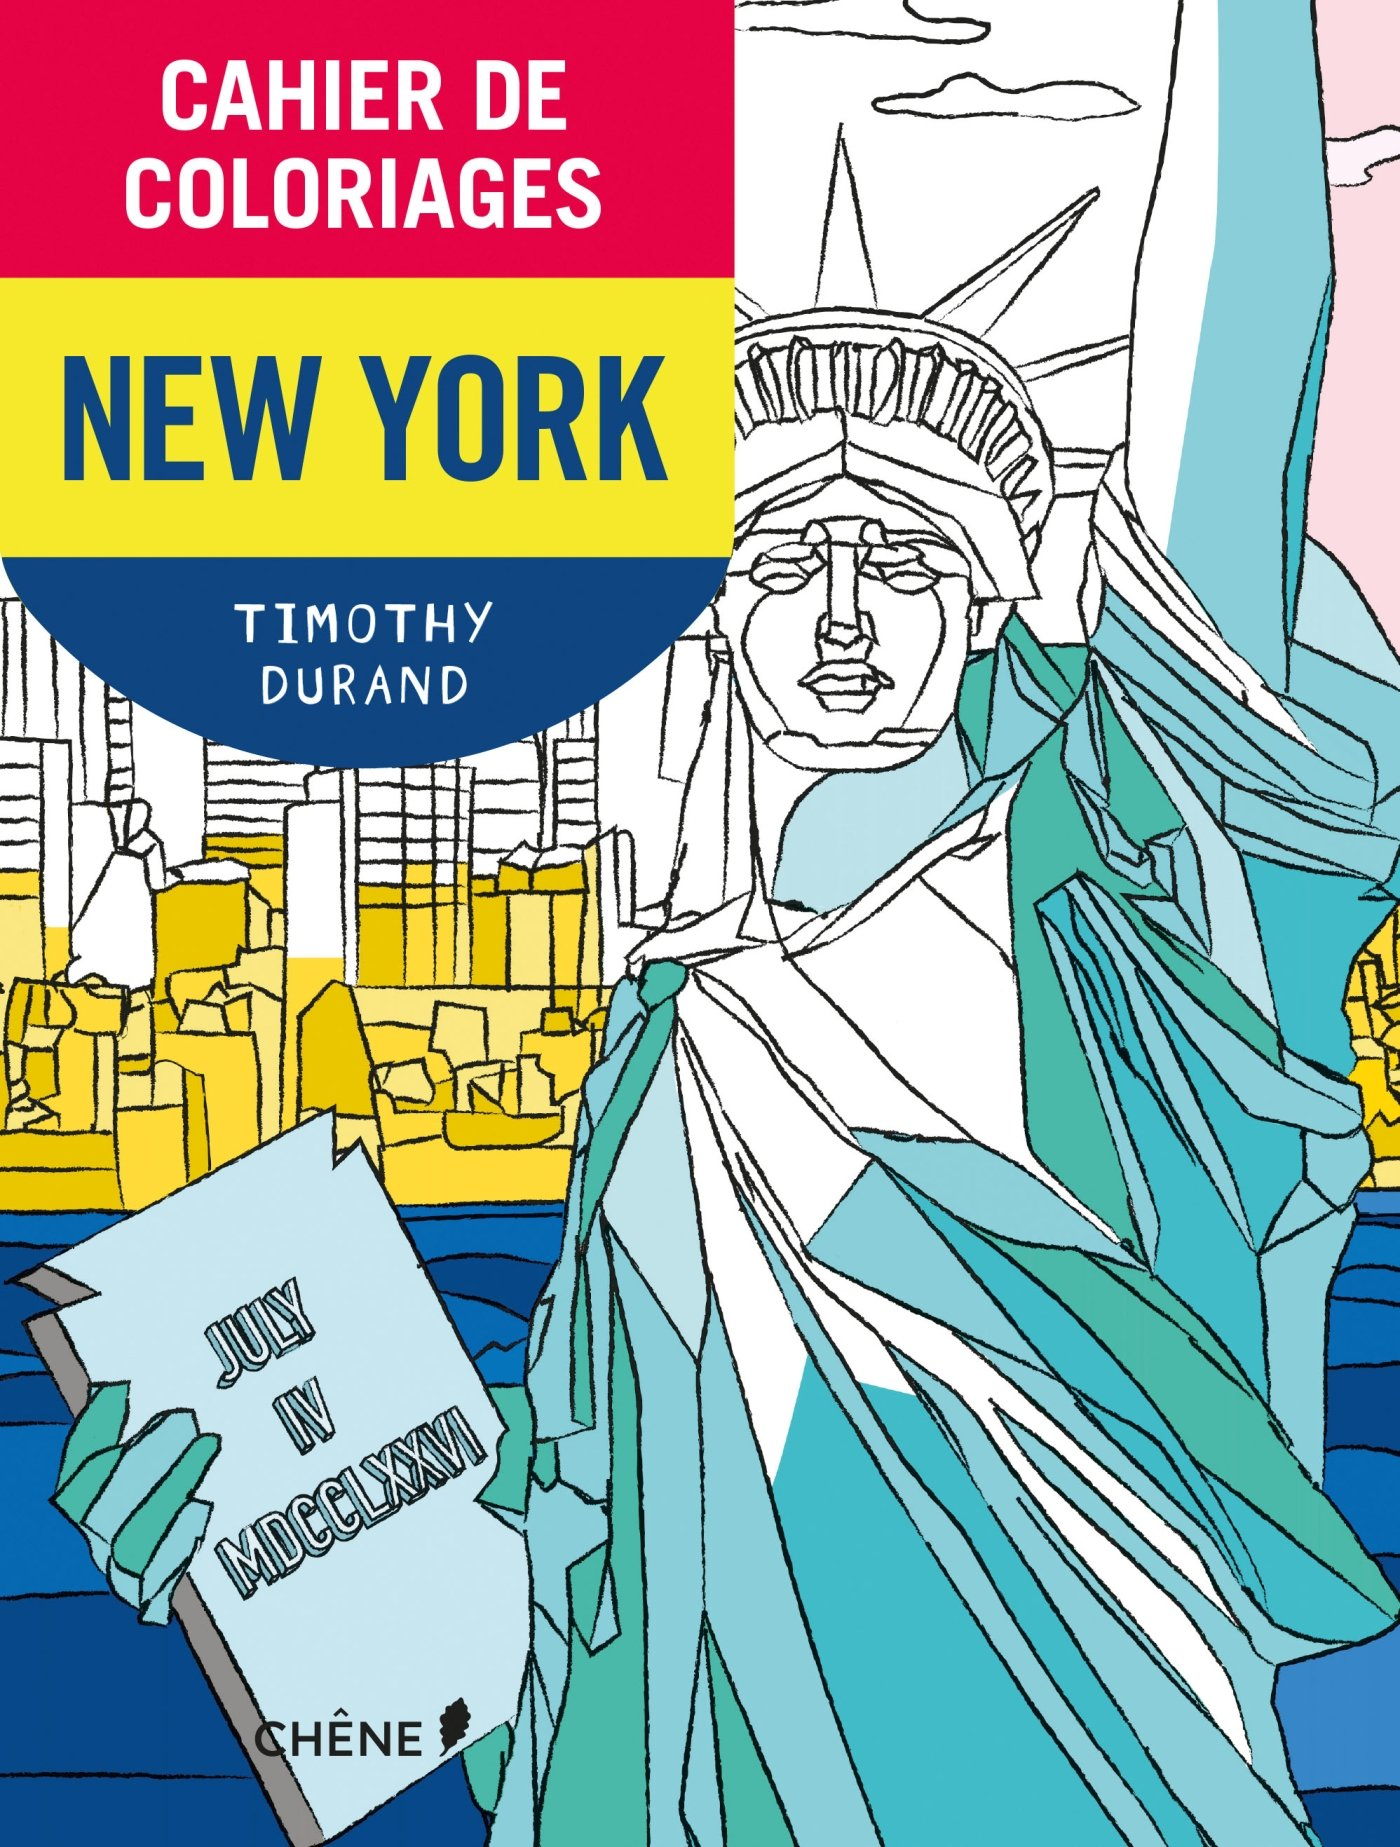 Cahier de coloriages New-York petit format por Timothy Durand